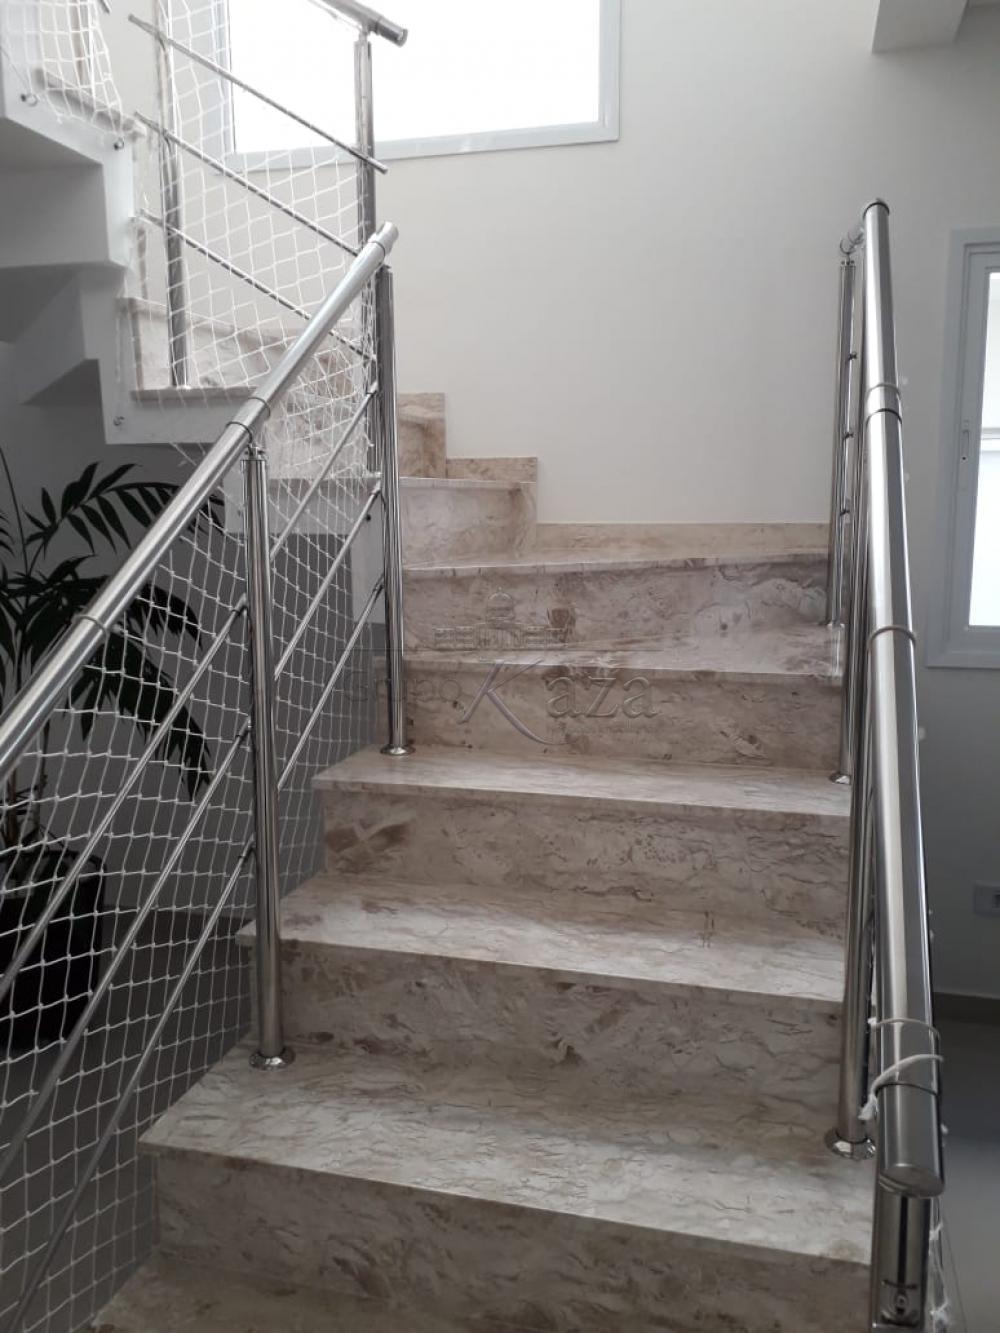 Comprar Casa / Condomínio em São José dos Campos apenas R$ 960.000,00 - Foto 10